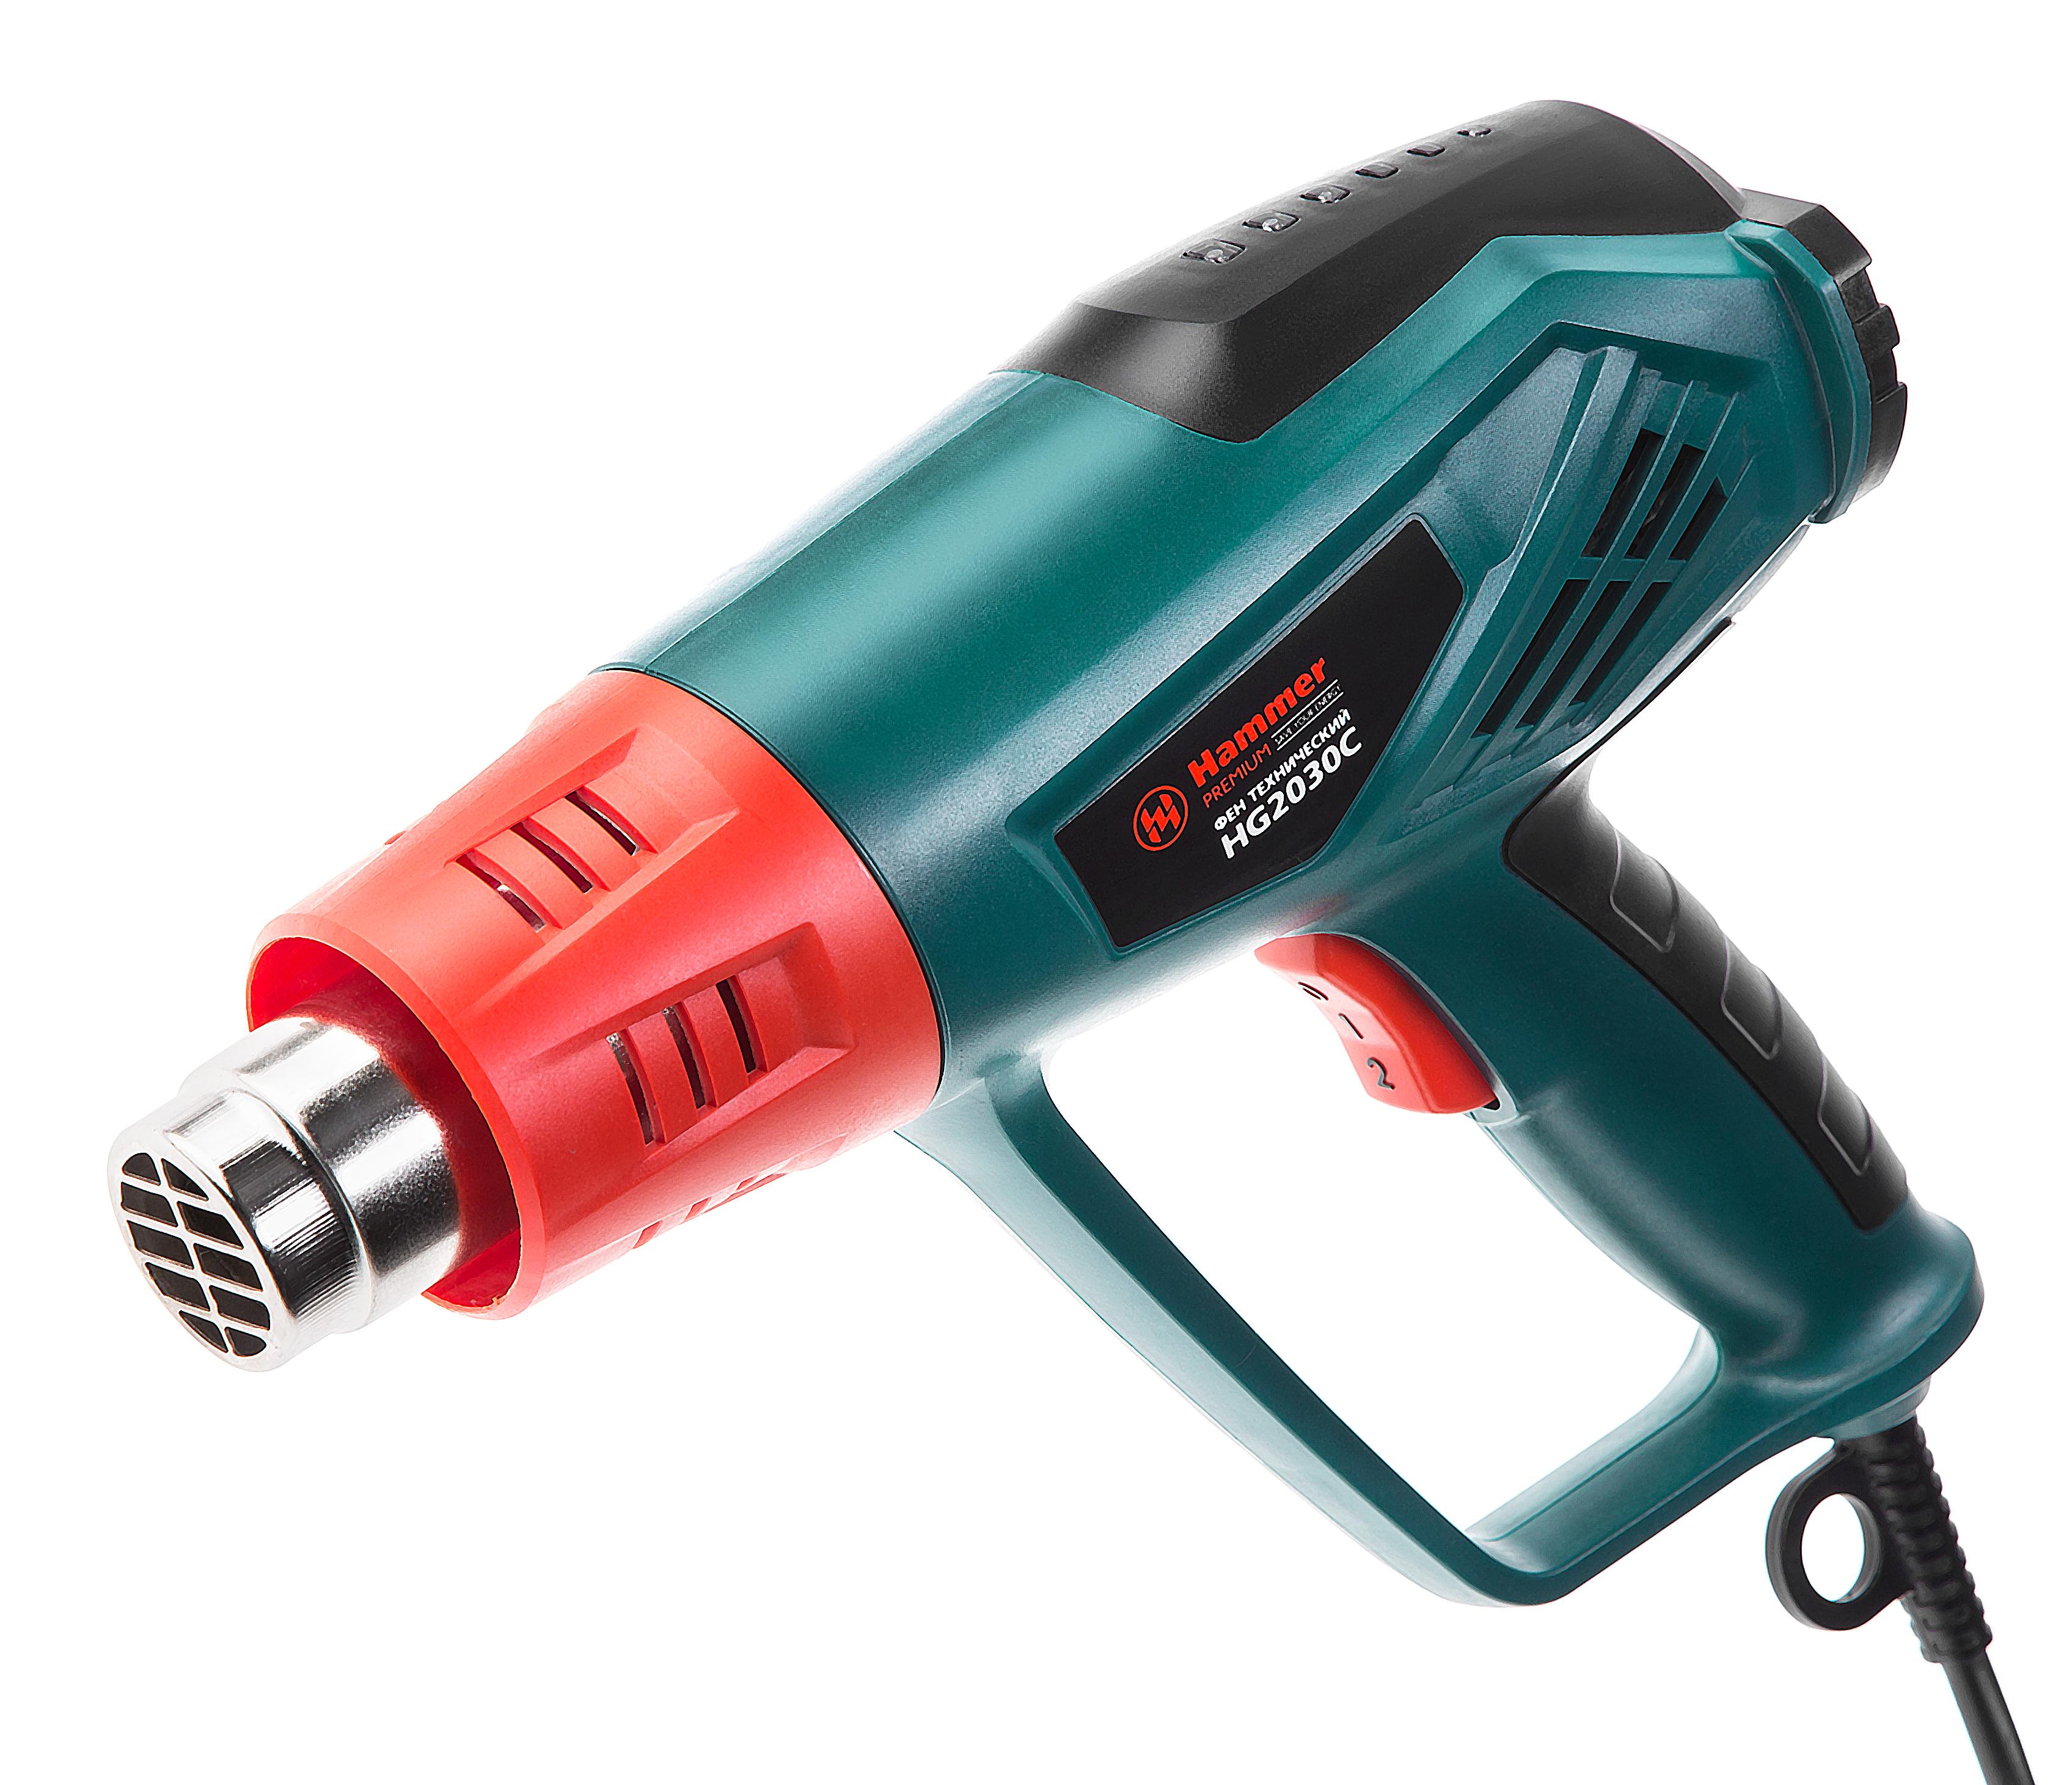 Фен технический Hammer Hg2030c premium фен технический hammer flex hg2020a 2200вт